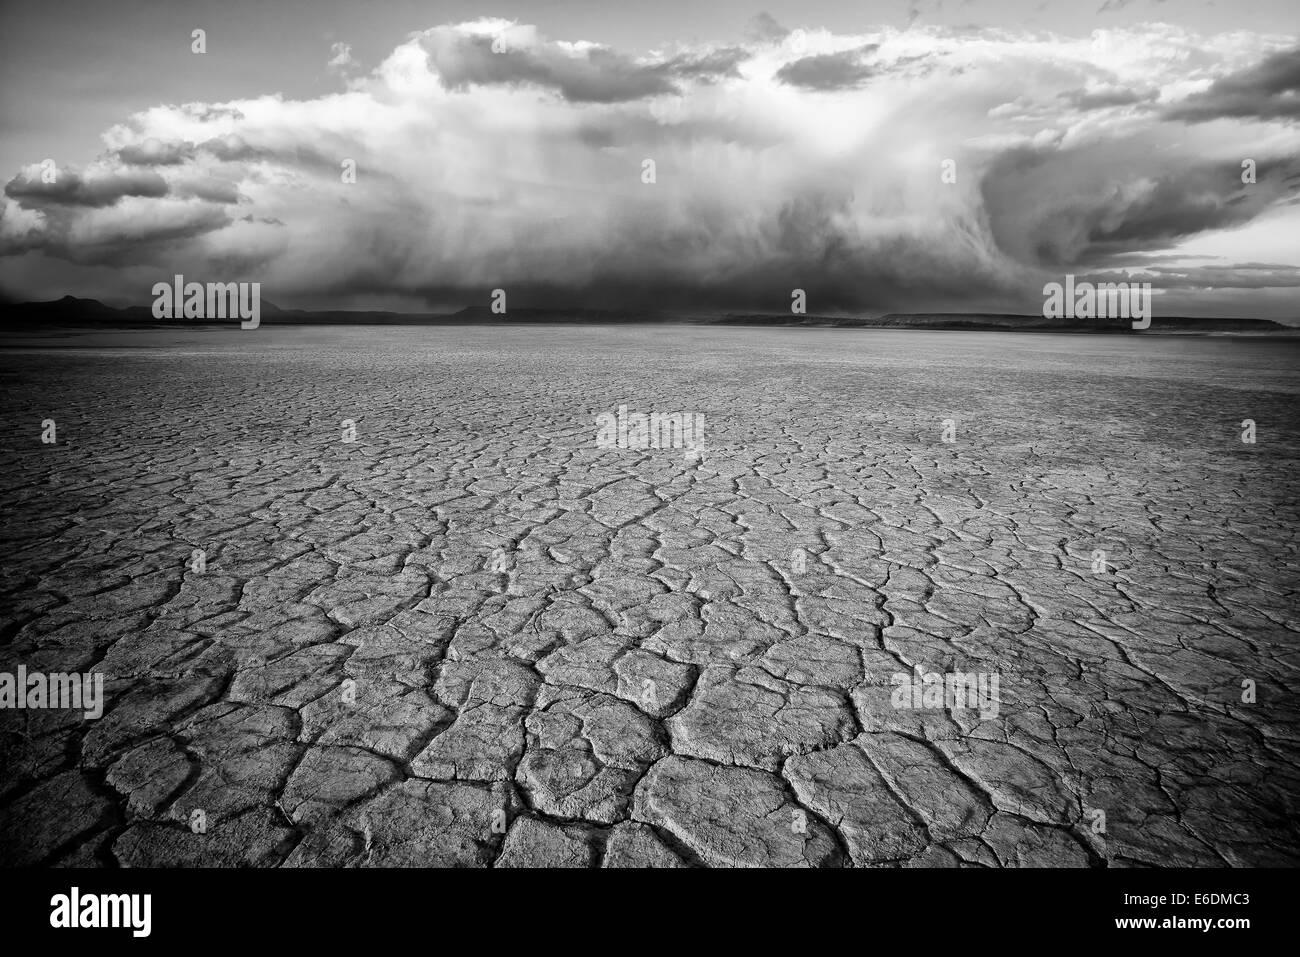 Deserto Alvord e nuvole Harney County, Oregon. Immagini Stock